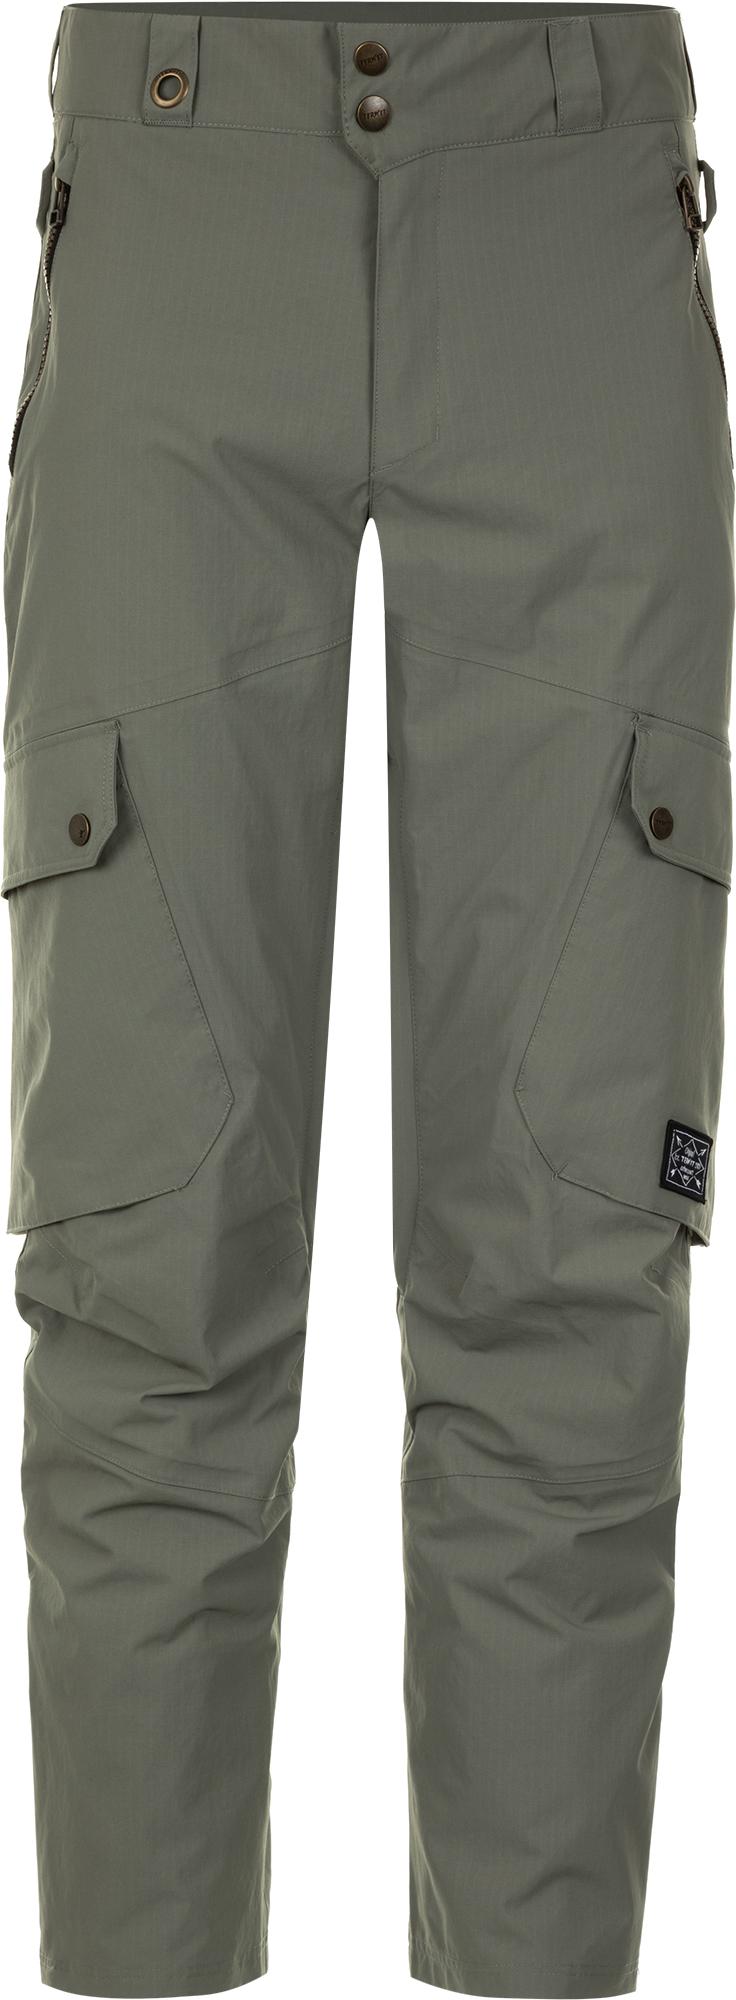 Termit Брюки утепленные мужские Termit, размер 50 брюки утепленные женские termit women s trousers цвет черный a19atepaw08 99 размер xl 50